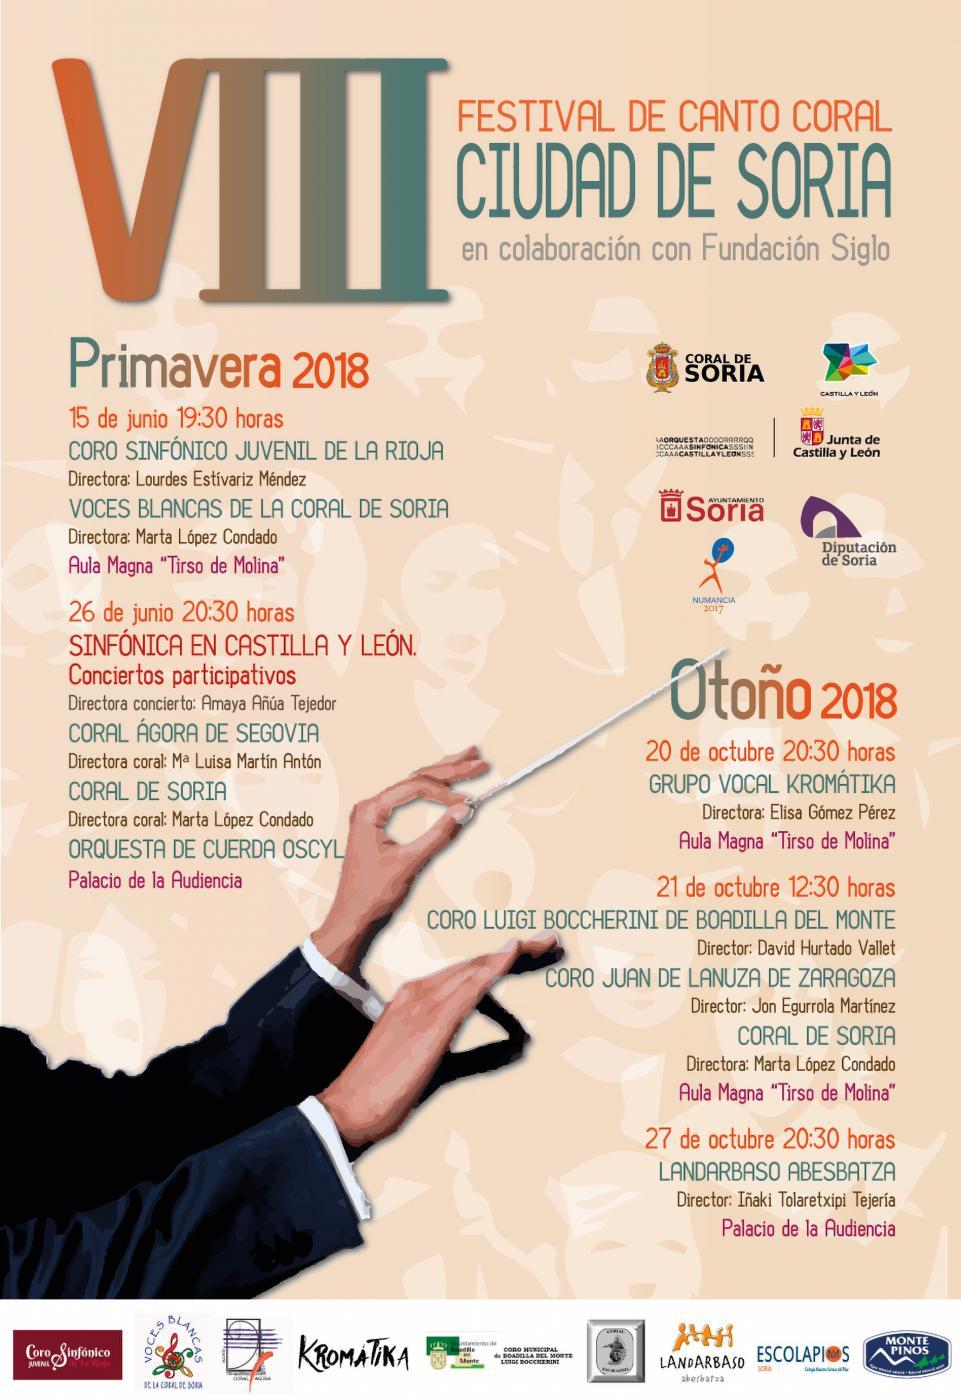 El 15 de junio comienza el VIII Festival de canto coral 'Ciudad de Soria'